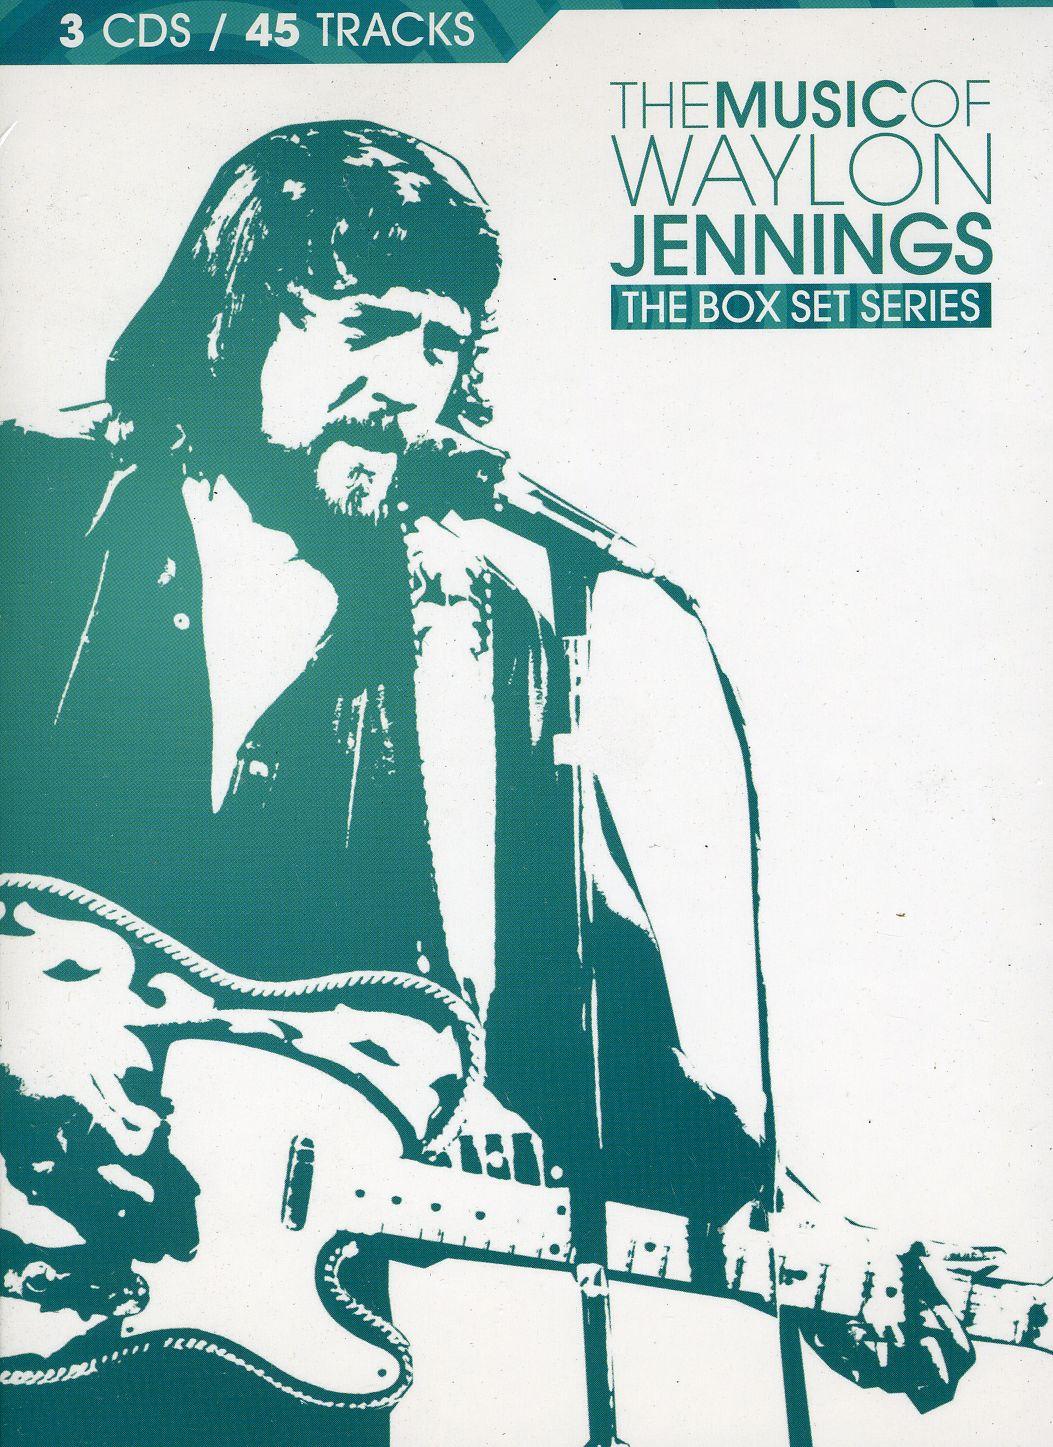 Waylon Jennings - The Music of Waylon Jennings